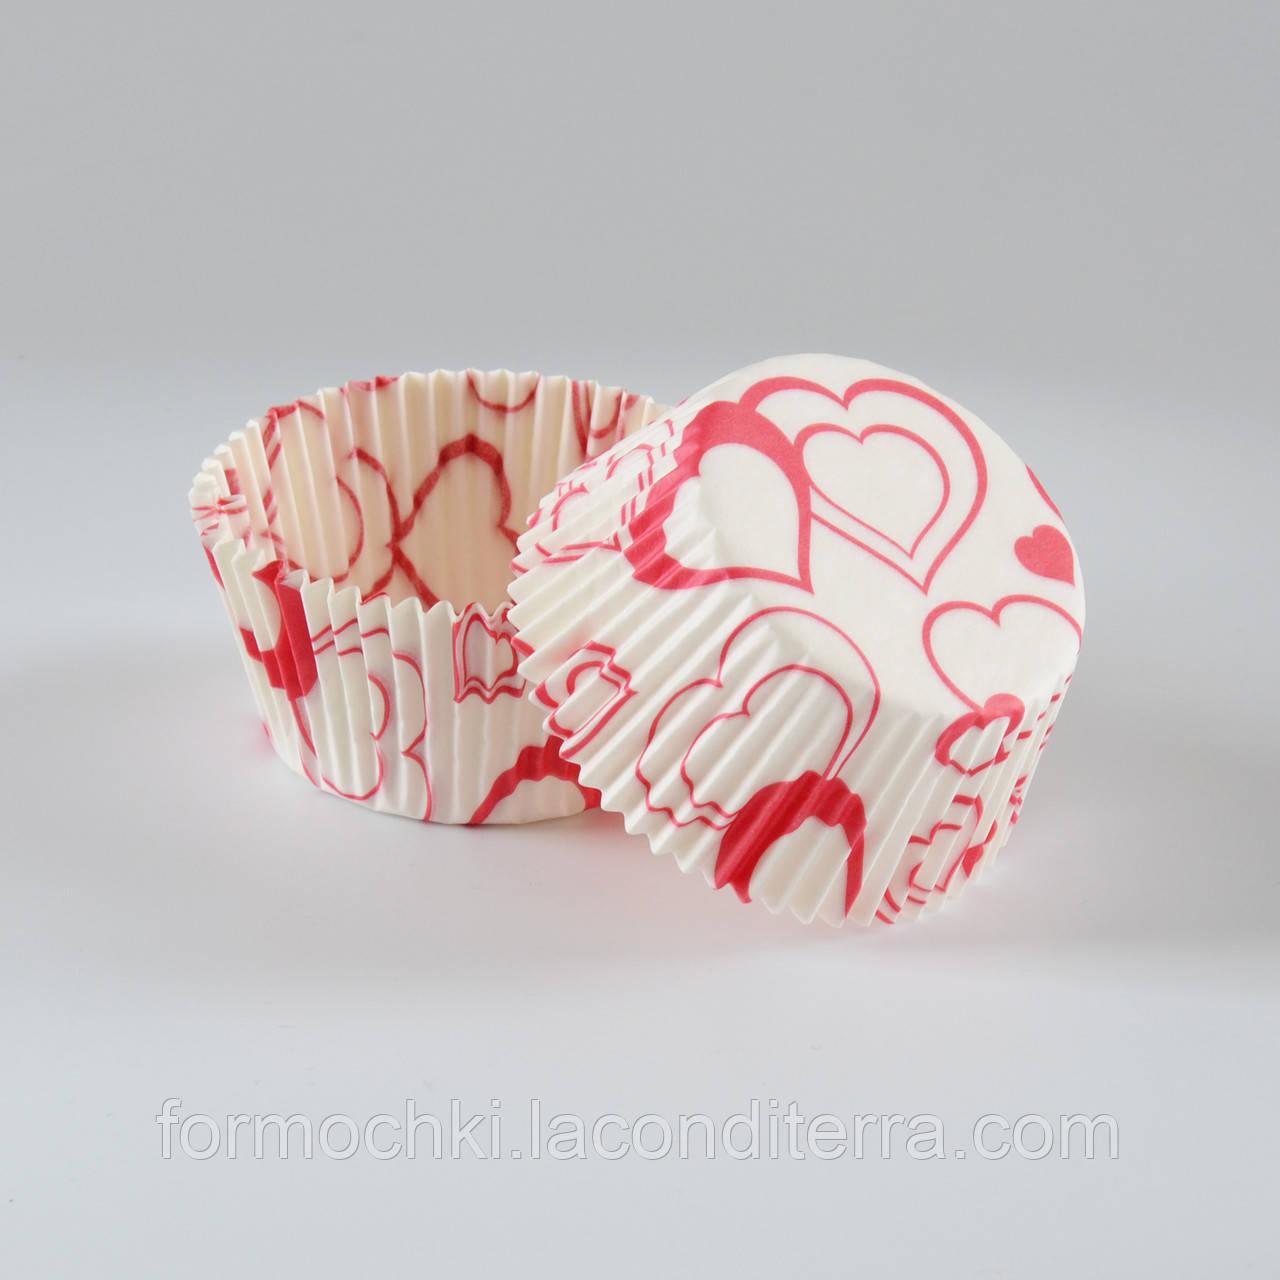 """Формочки для кексов и конфет """"Валентинка-3"""" 5 (Ø40, бортик – 21 мм), 2000 шт."""